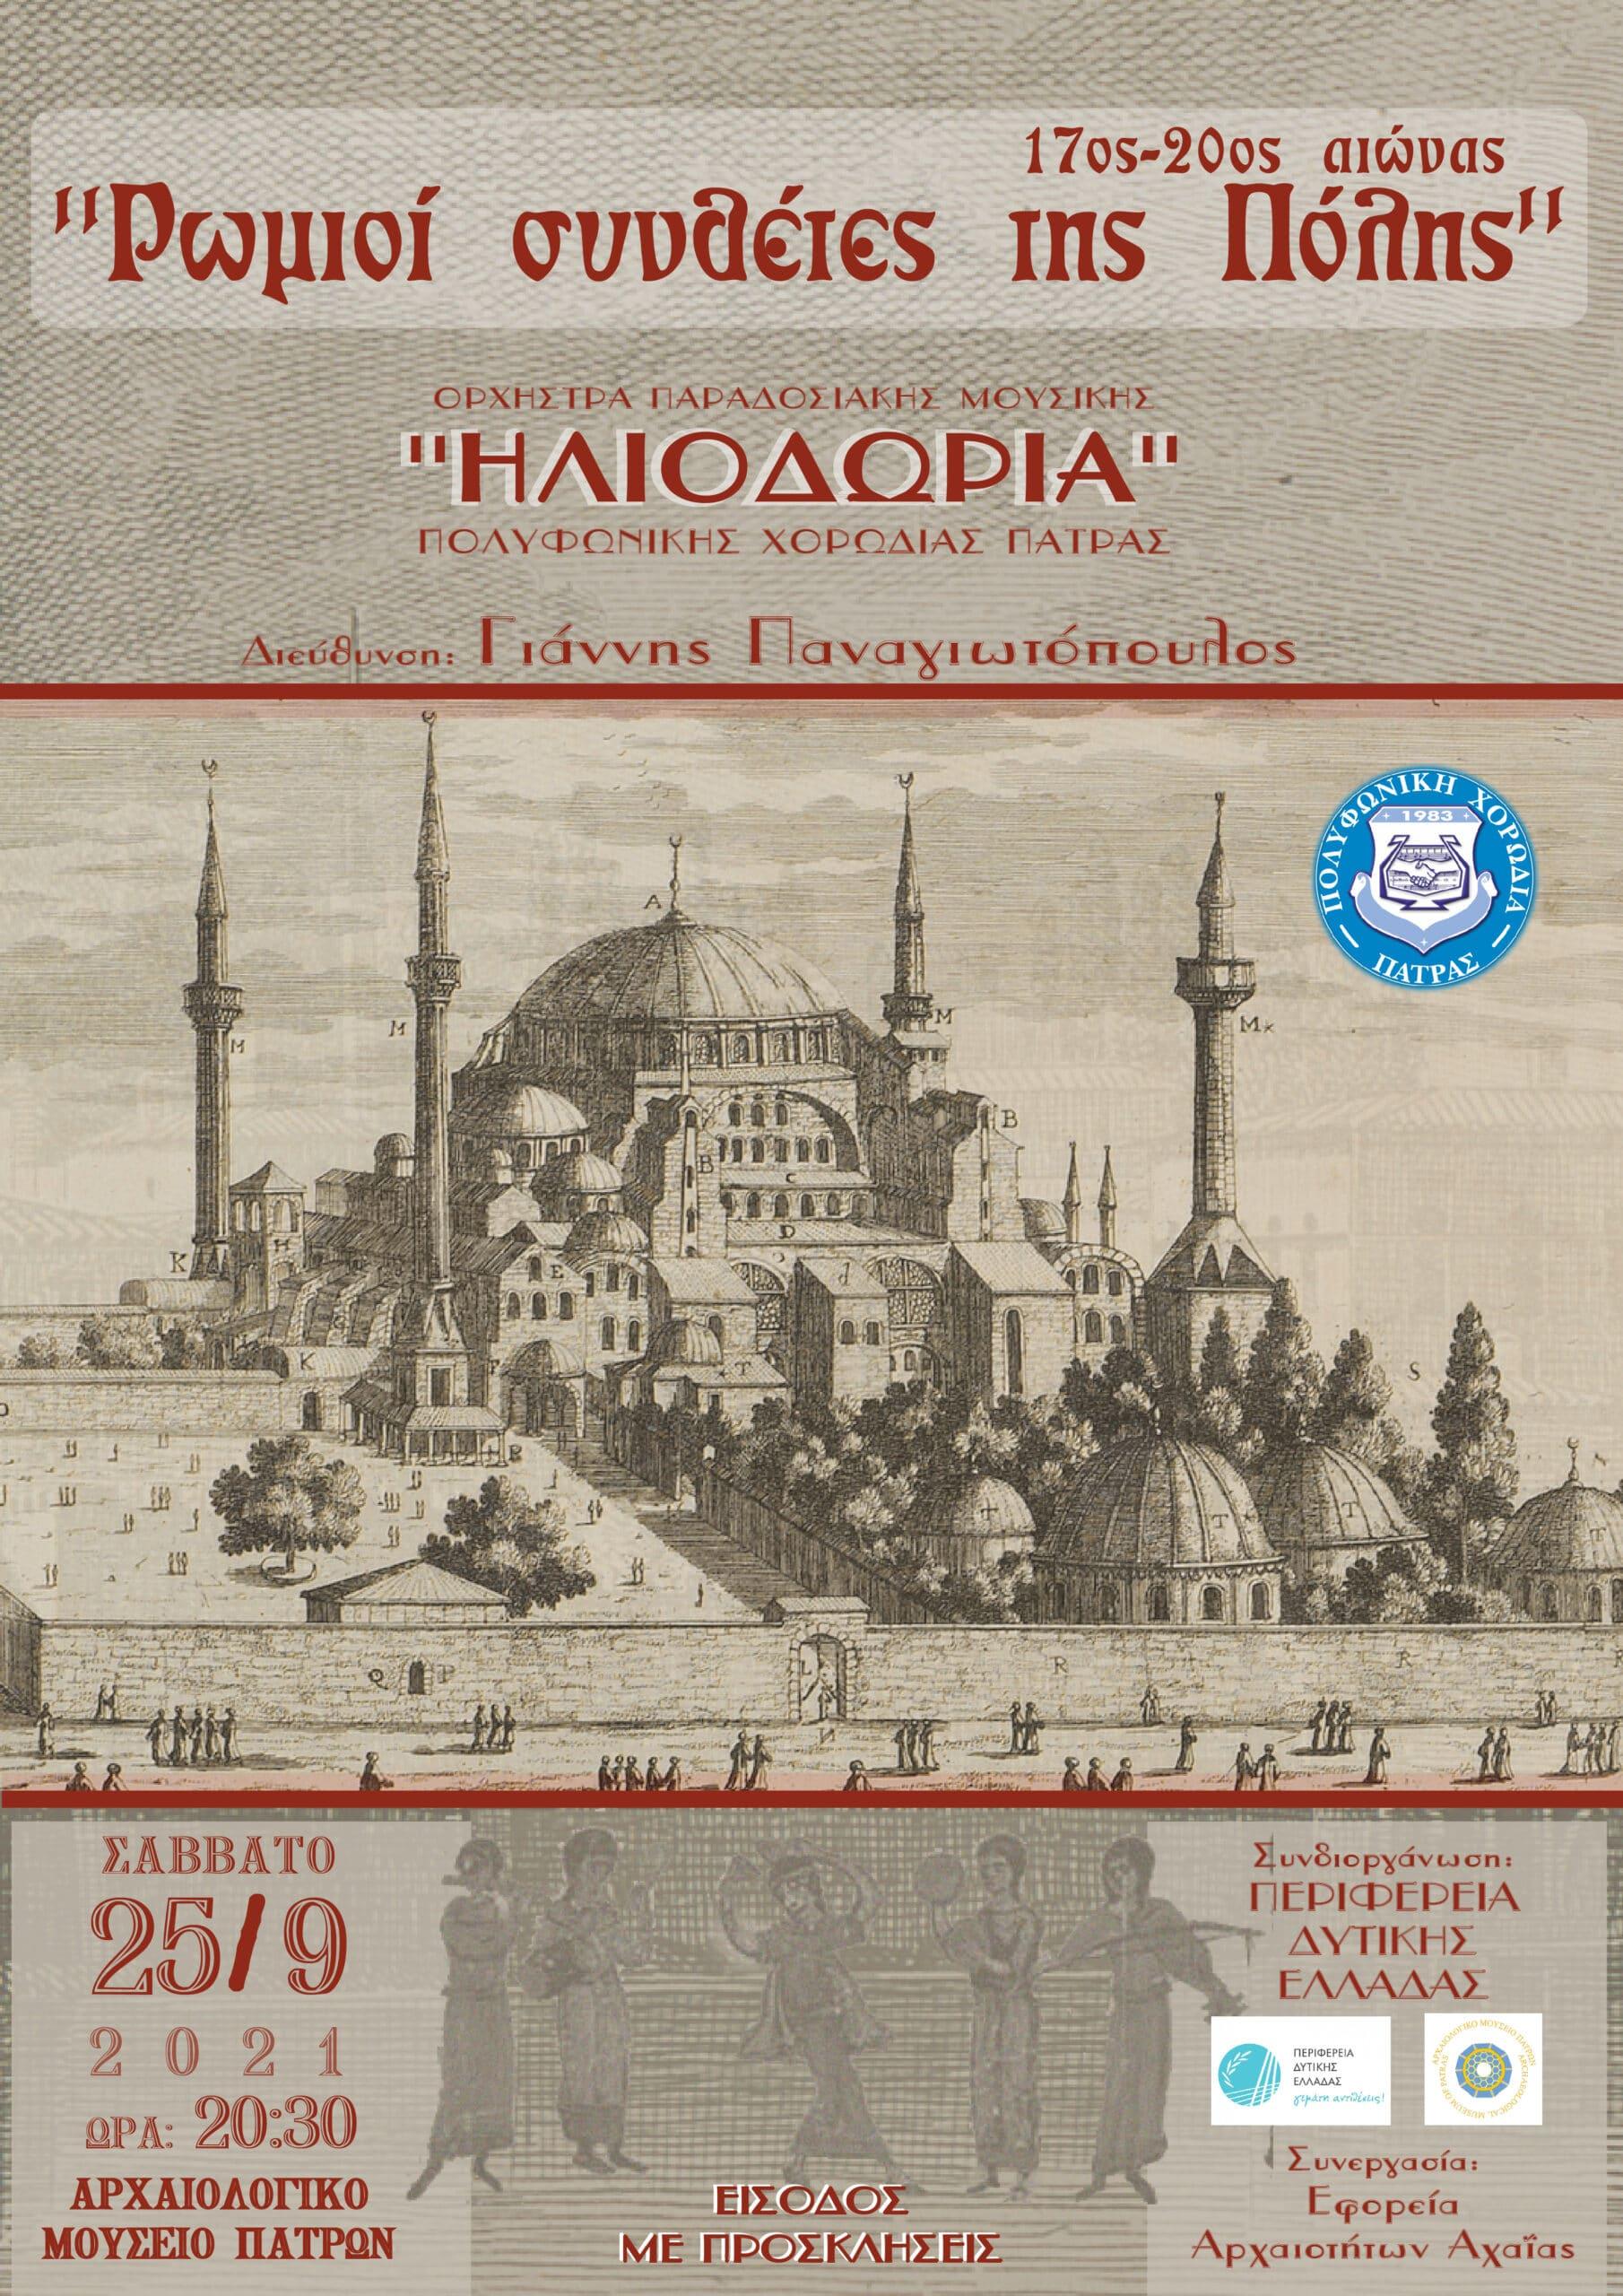 «Ρωμιοί συνθέτες της Πόλης. 17ος- 20ος αιώνας» - Συναυλία στο Αρχαιολογικό Μουσείο Πατρών